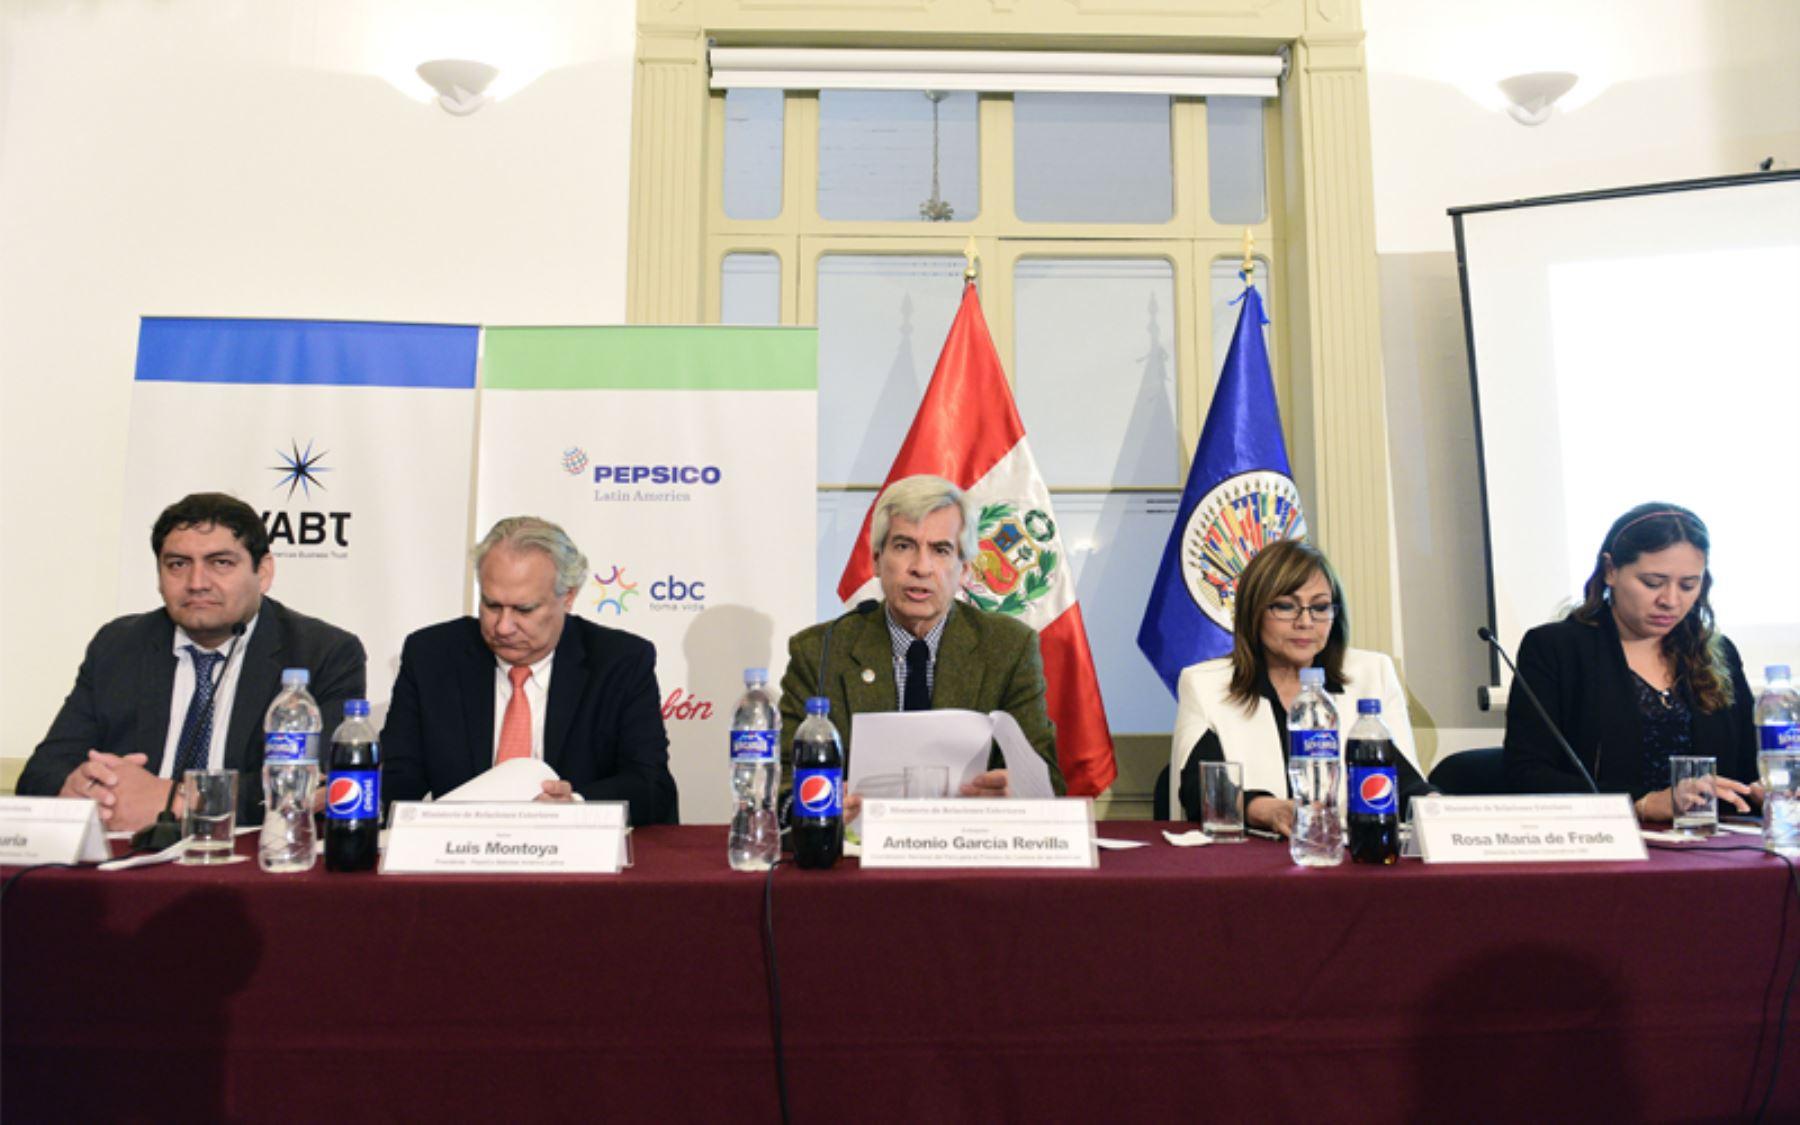 Jóvenes del continente participarán en Cumbre de las Américas en el Perú